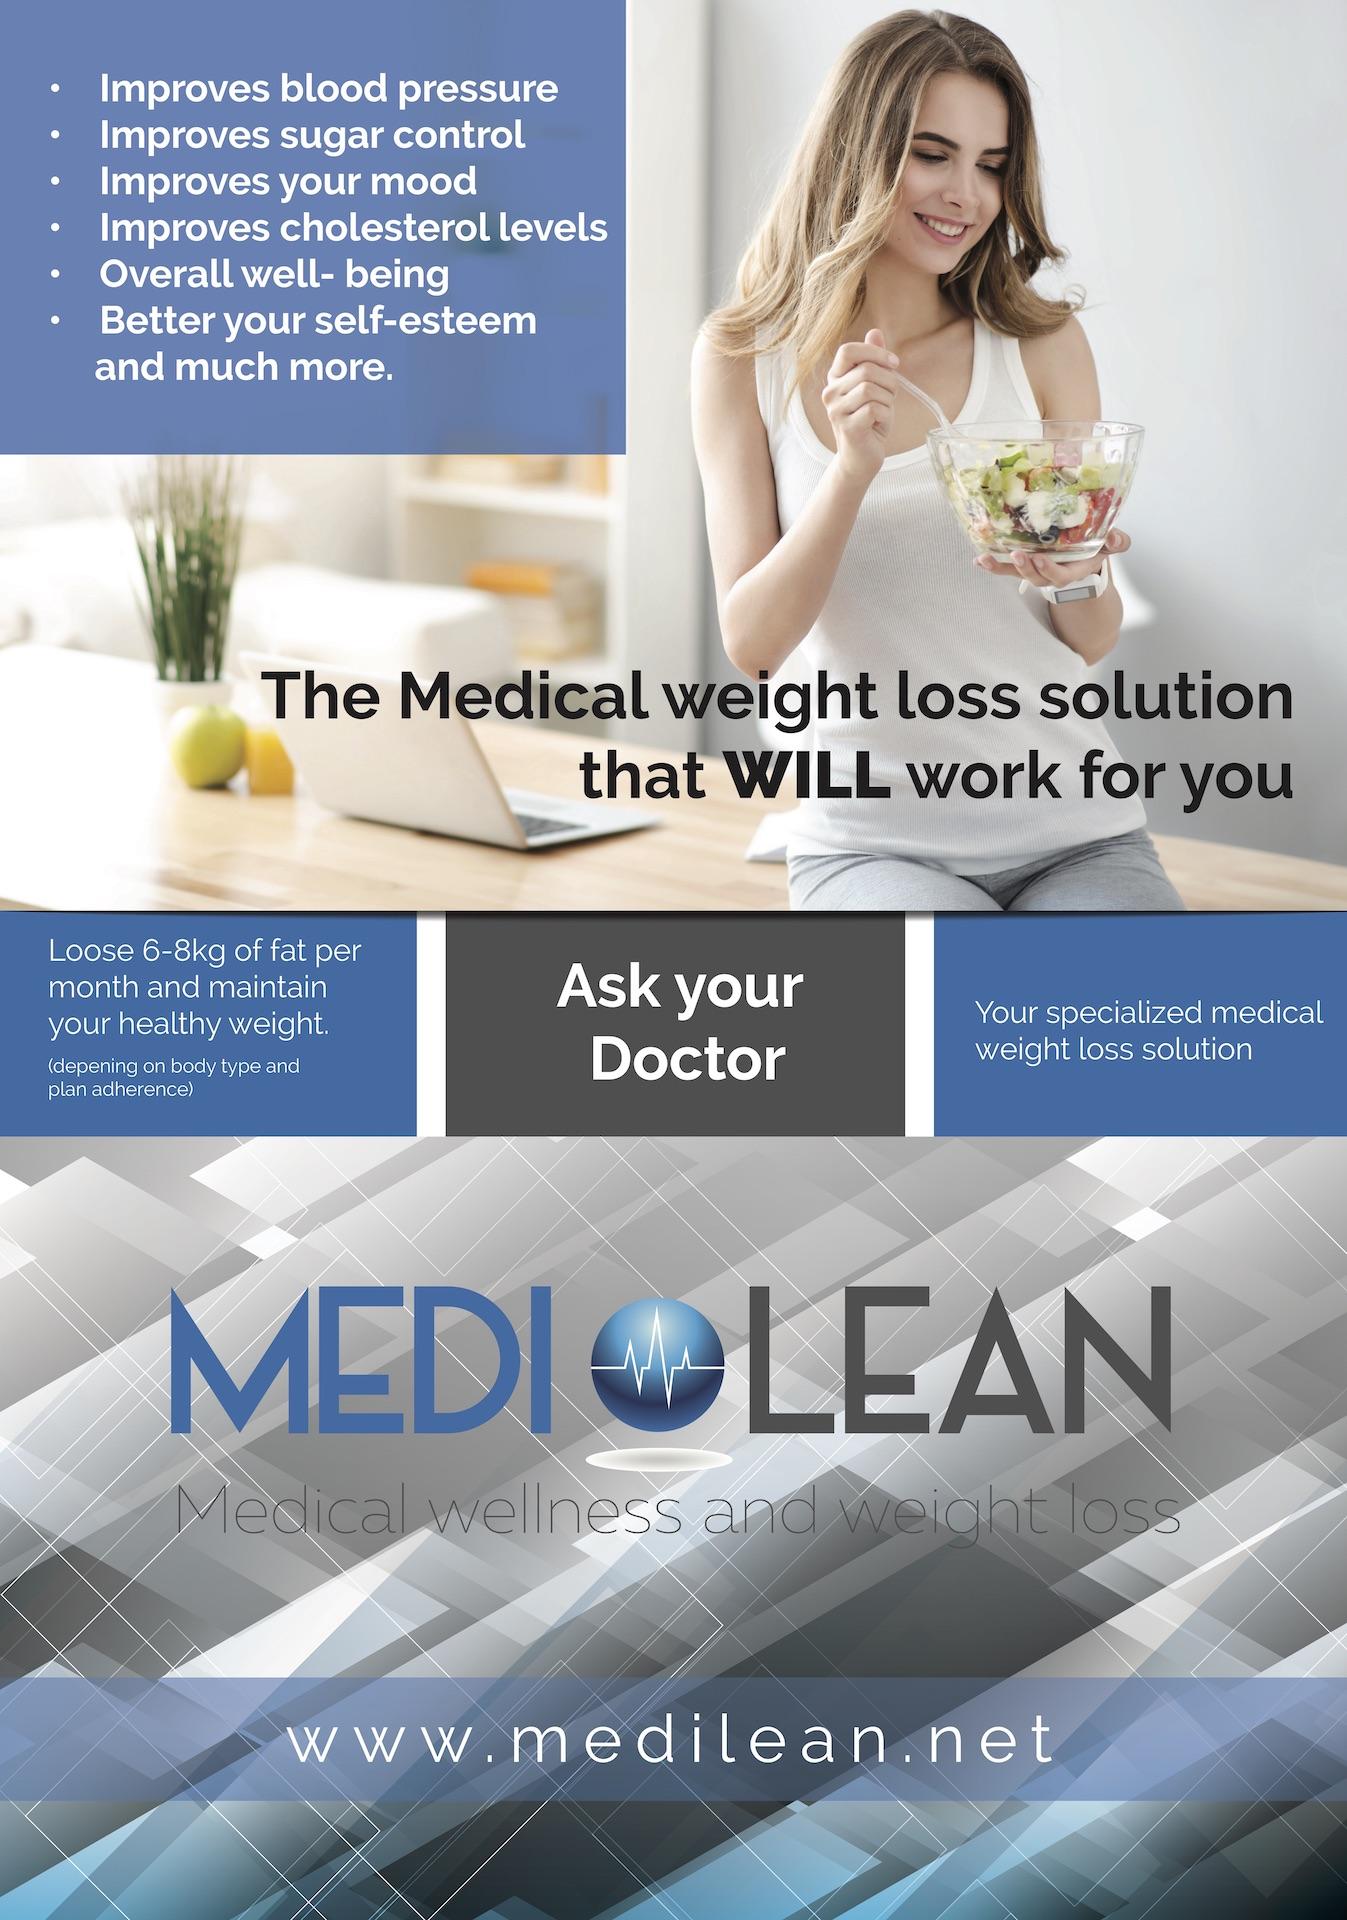 Medi-Lean Weight Loss Health Synchrony